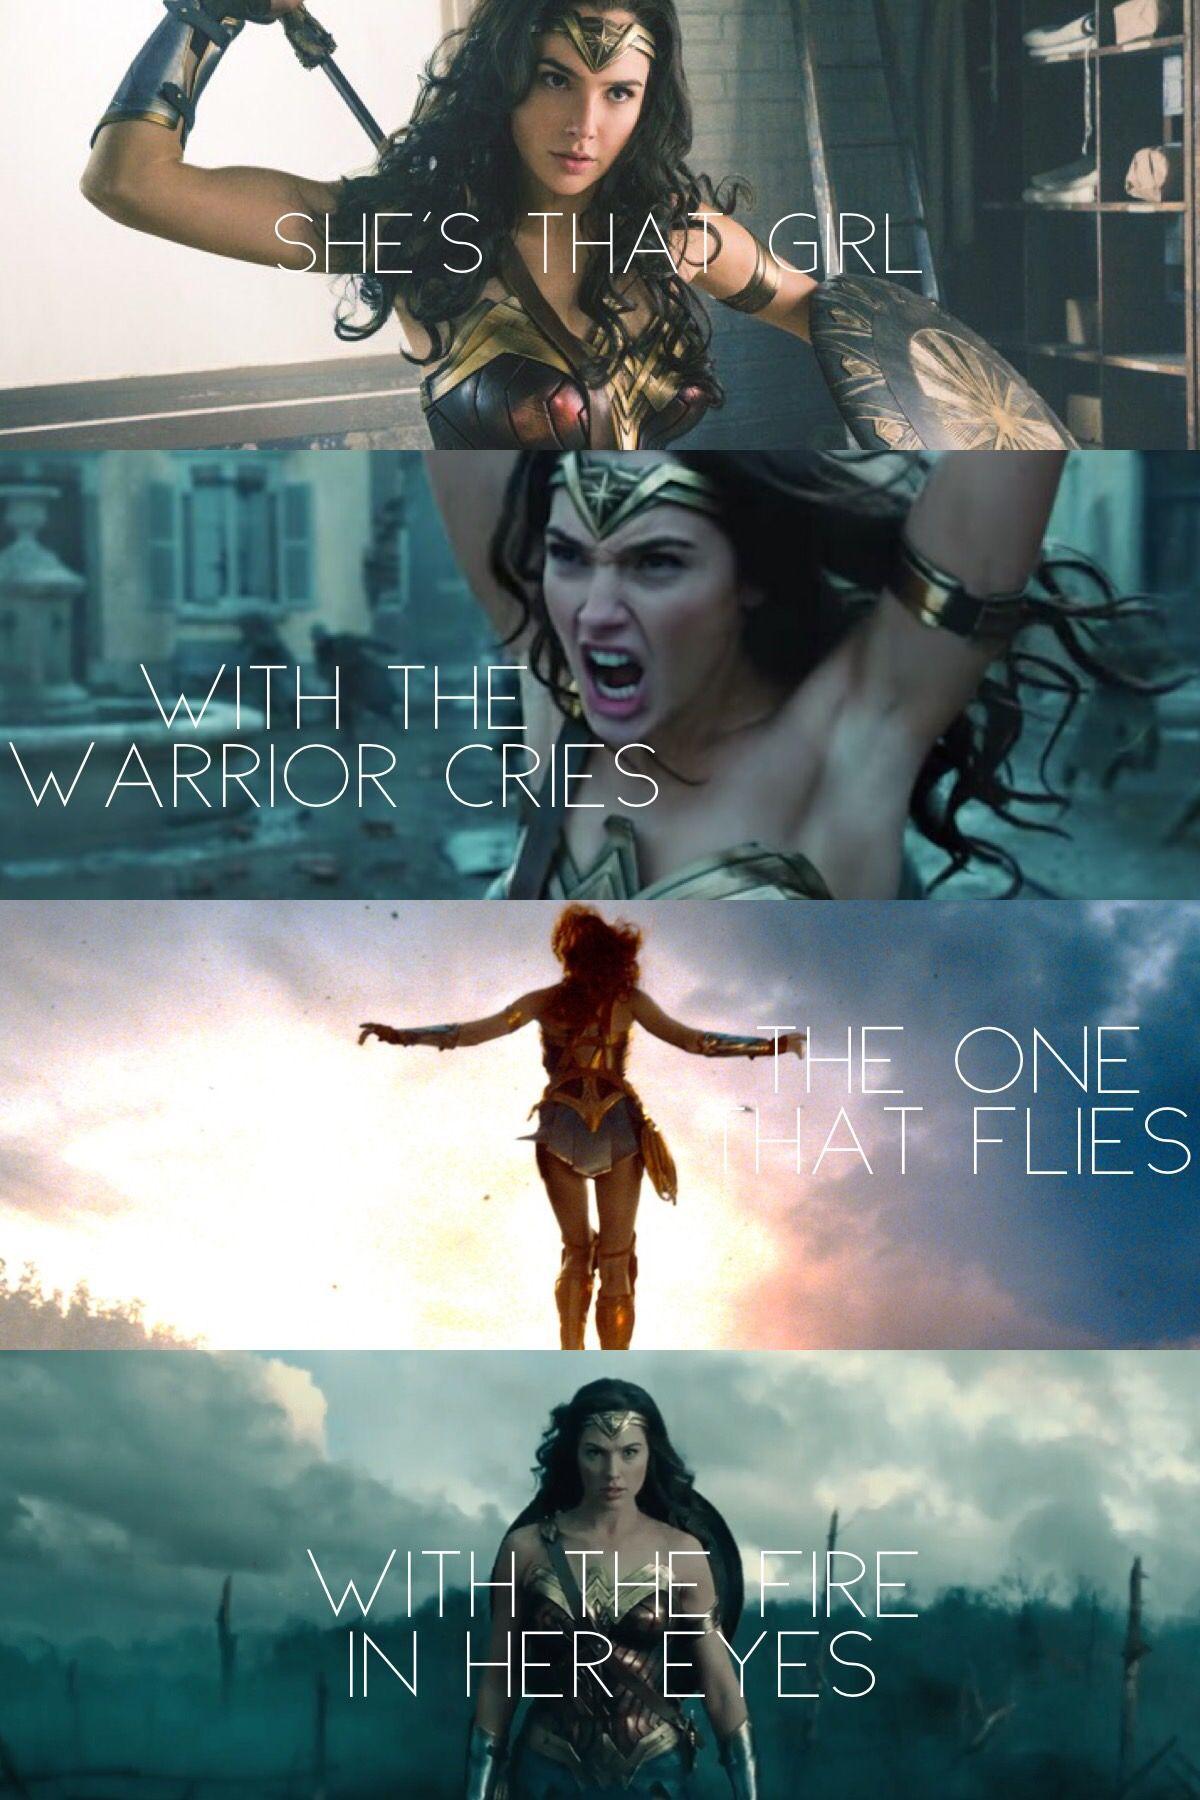 Pin By Wendy On Dc Wonder Woman Quotes Gal Gadot Wonder Woman Wonder Woman Art